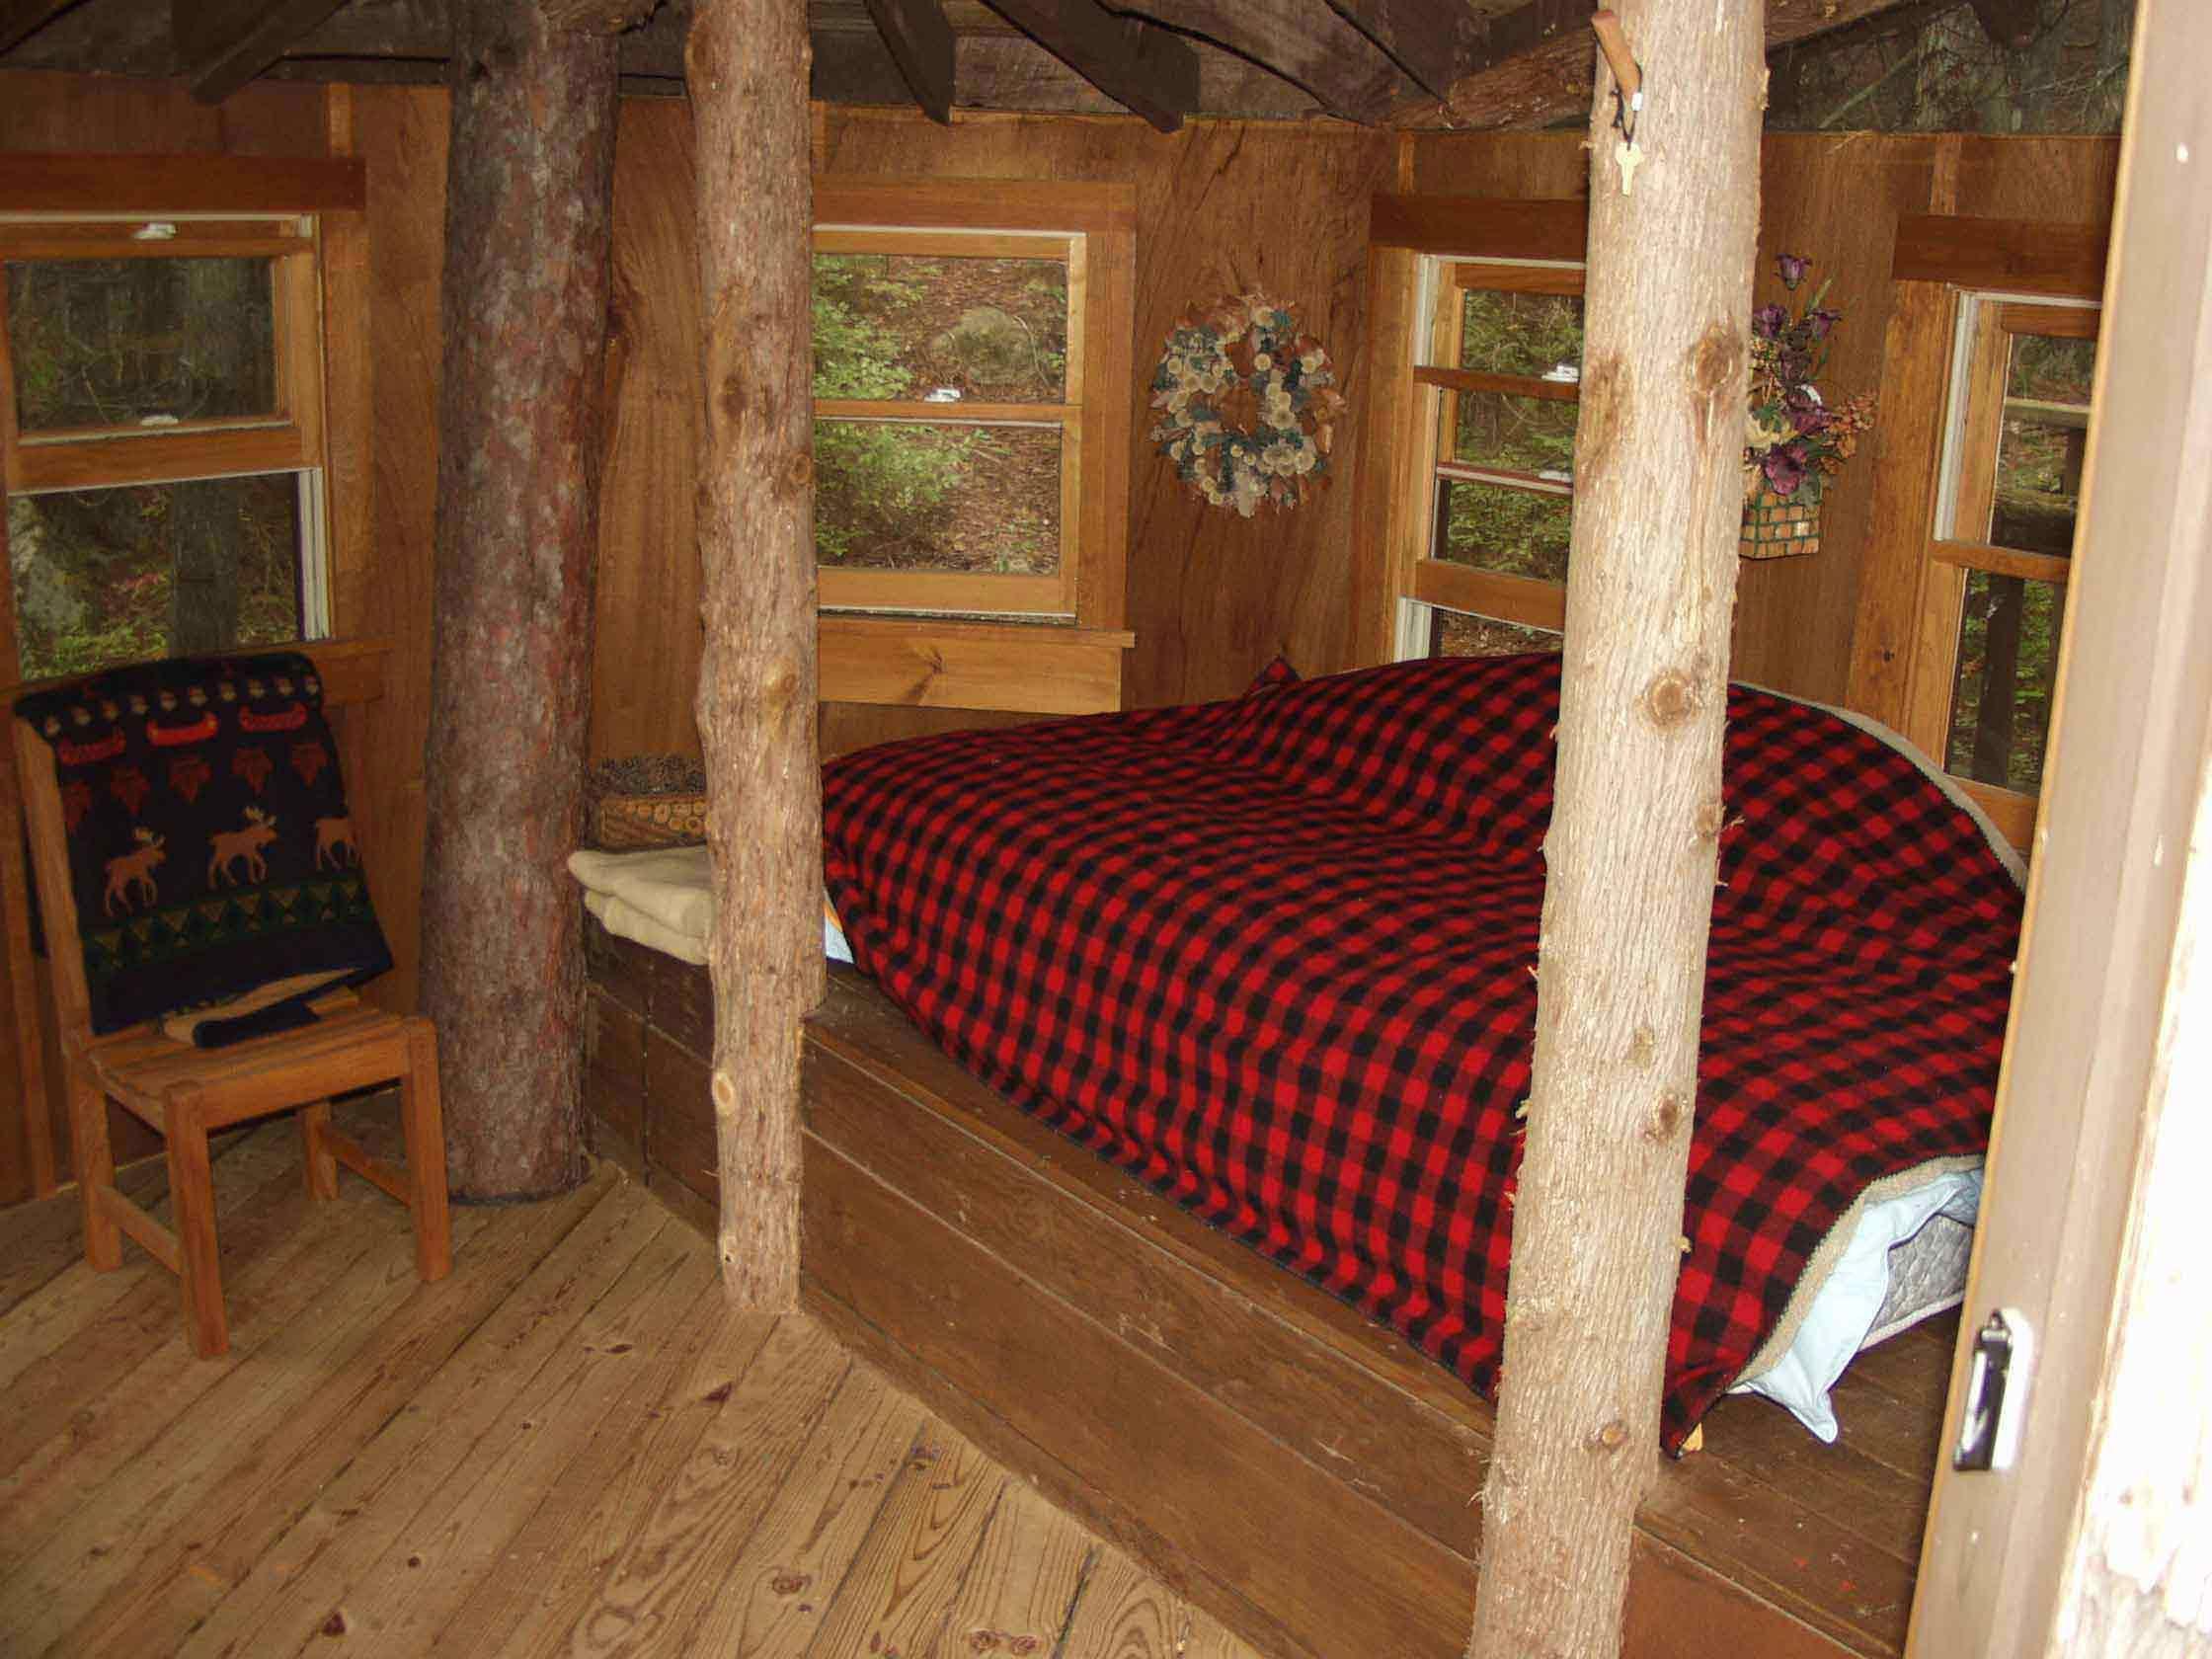 ny img adirondacks cabin lodges inlet rentals bear cabins black